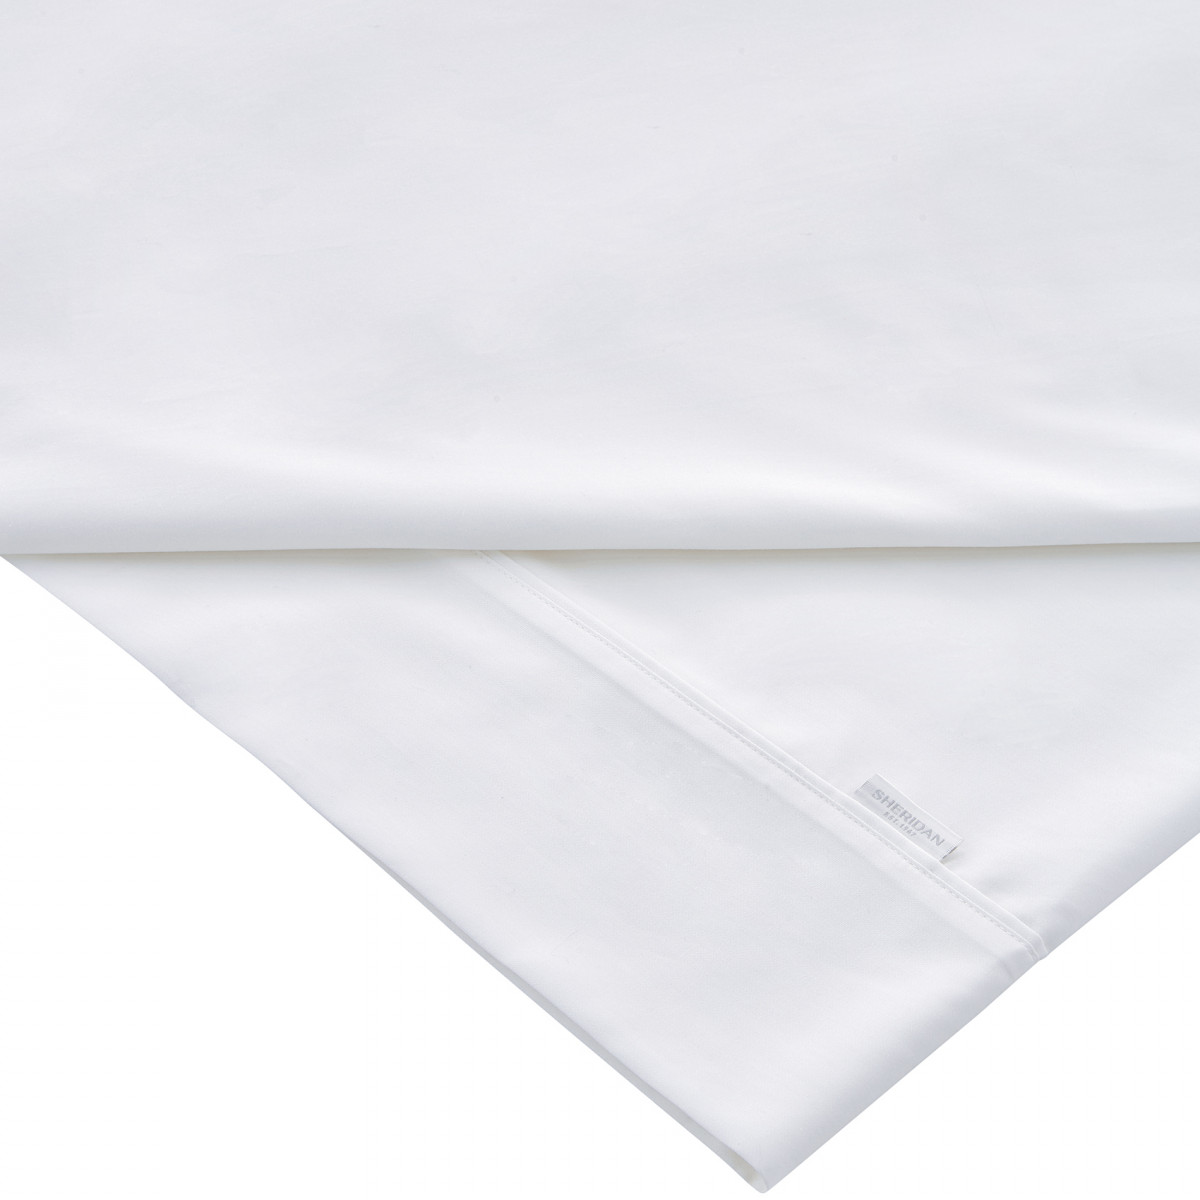 TENCEL FLAT SHEET SINGLE - WHITE